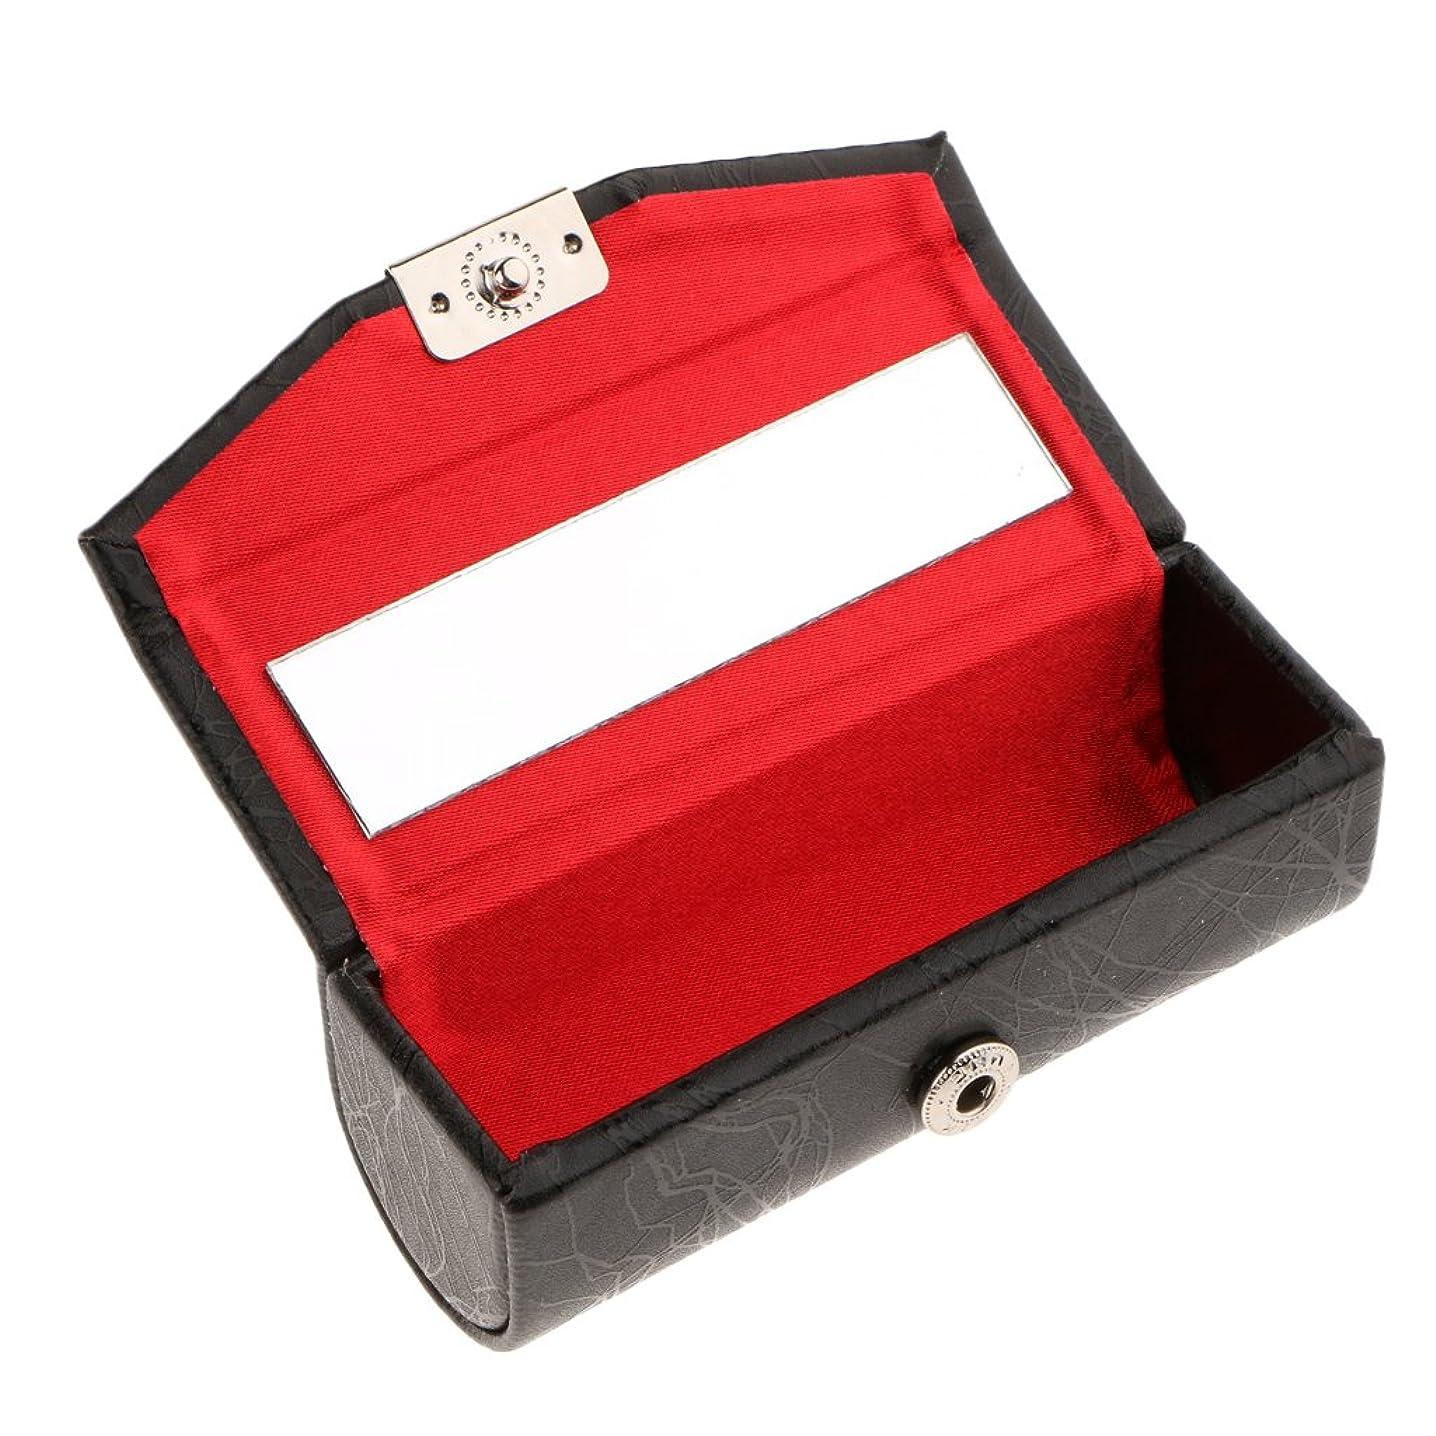 取り出す正確にに渡ってBlesiya リップスティックケース ミラー付き レザー リップスティック リップグロスケース 収納ボックス メイクホルダー 多色選べる - ブラック